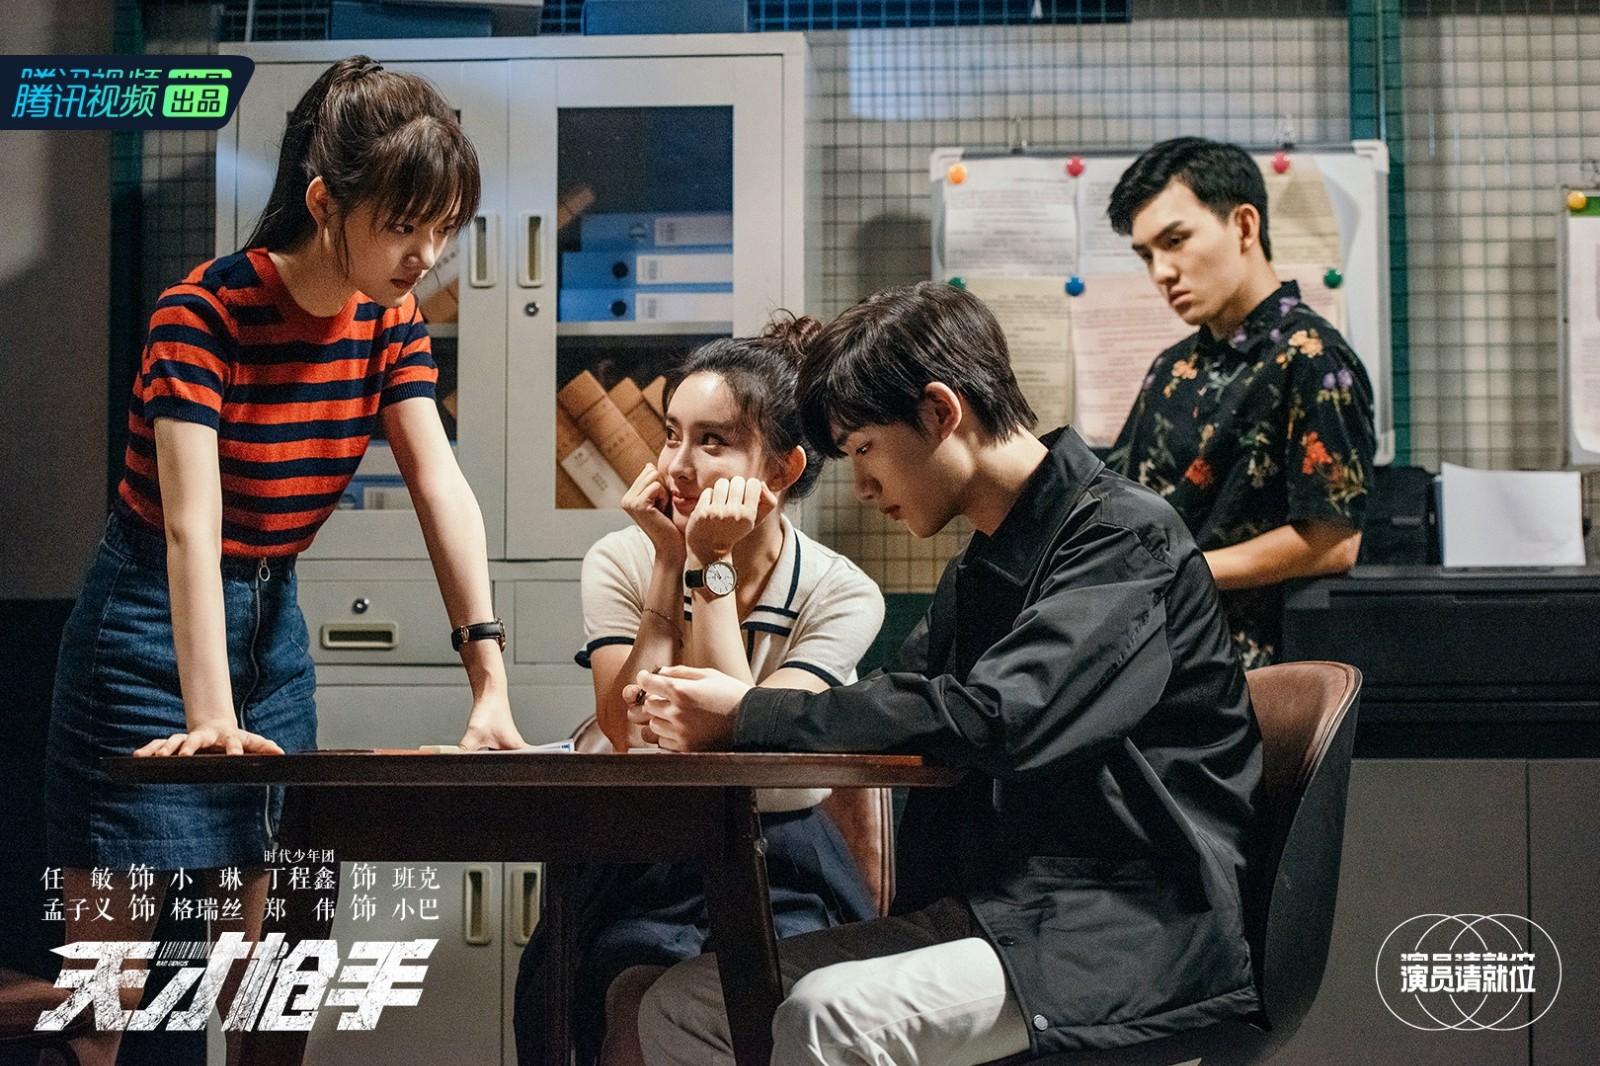 【摩登5娱乐注册】《演员请就位2》郑伟成最强助演 同台选手全晋级